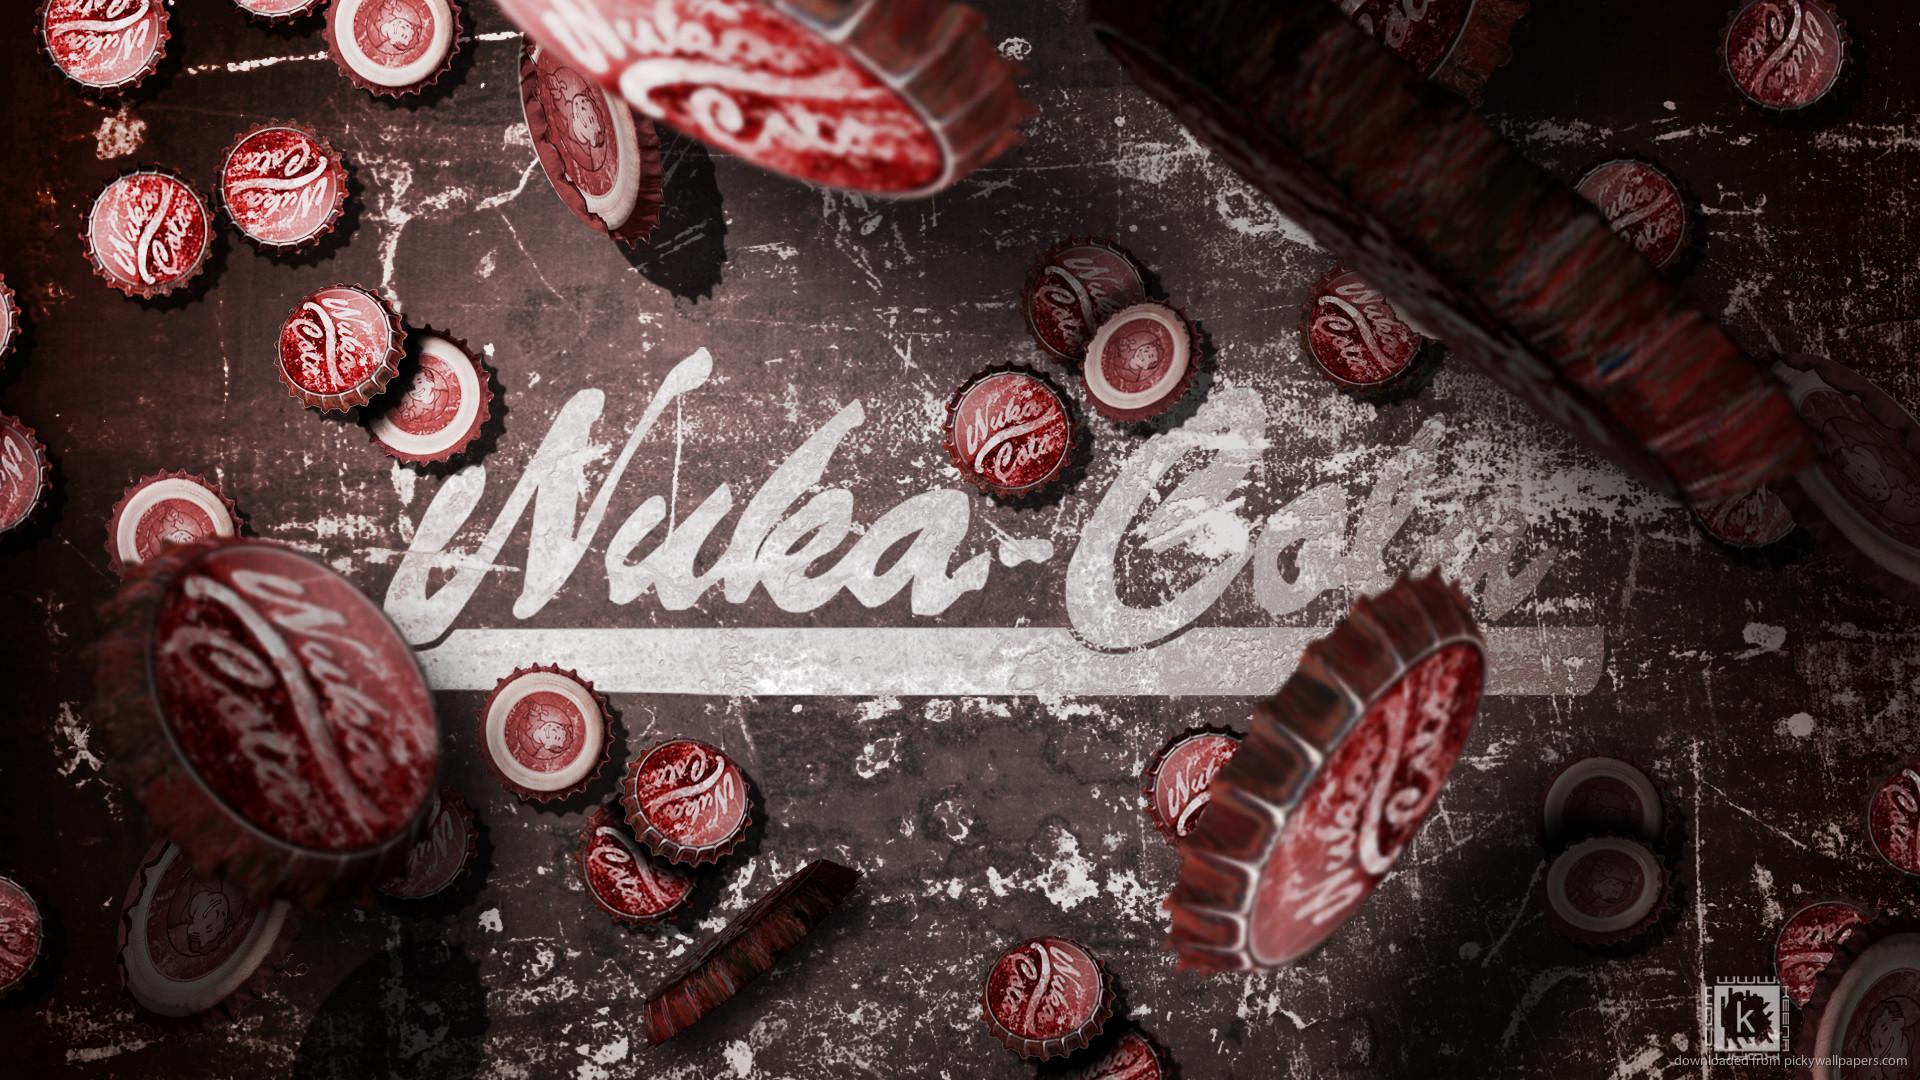 1920x1080 Nuka Cola Caps Picture